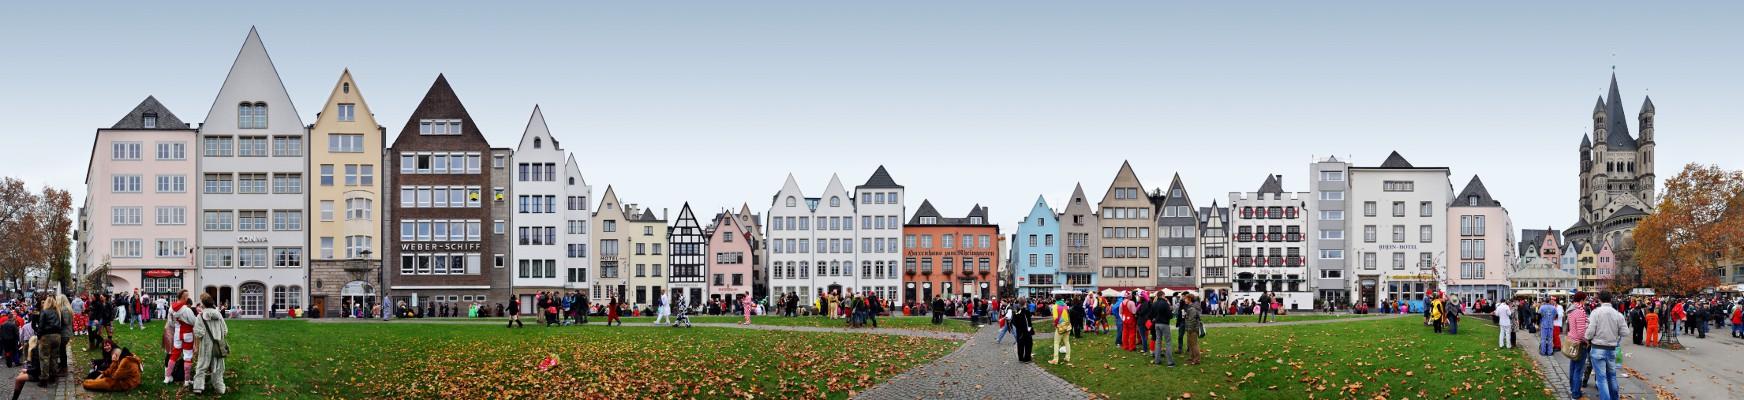 Frankenwerft / Rhine Garden / Carnival • Cologne • Germany